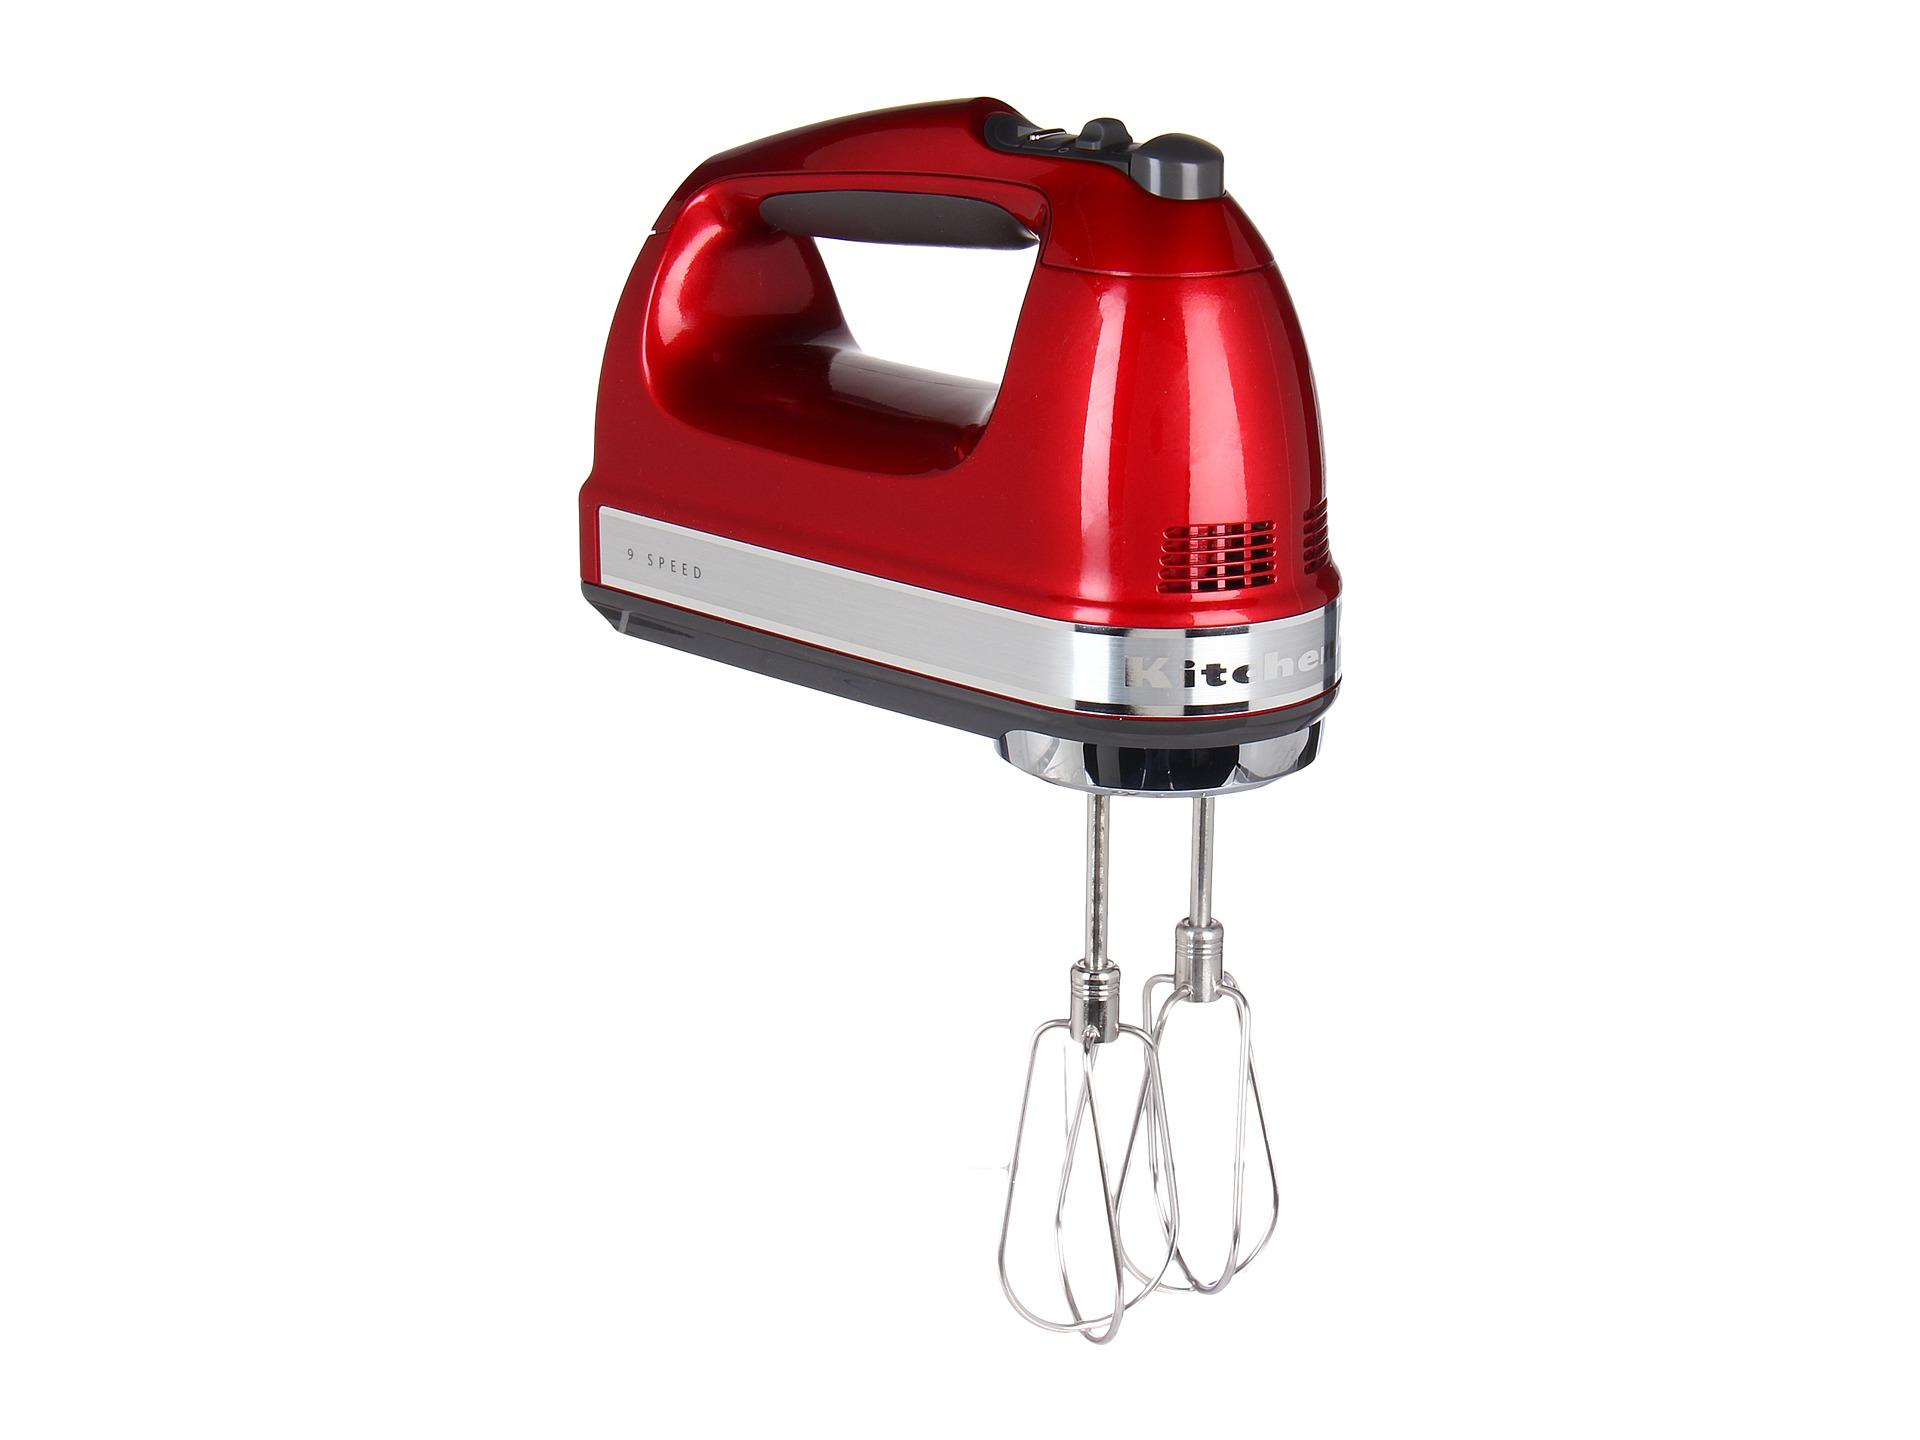 Kitchenaid Hand Mixer 5 Speed kitchenaid hand mixer 5 speed photo - 9 | kitchen ideas